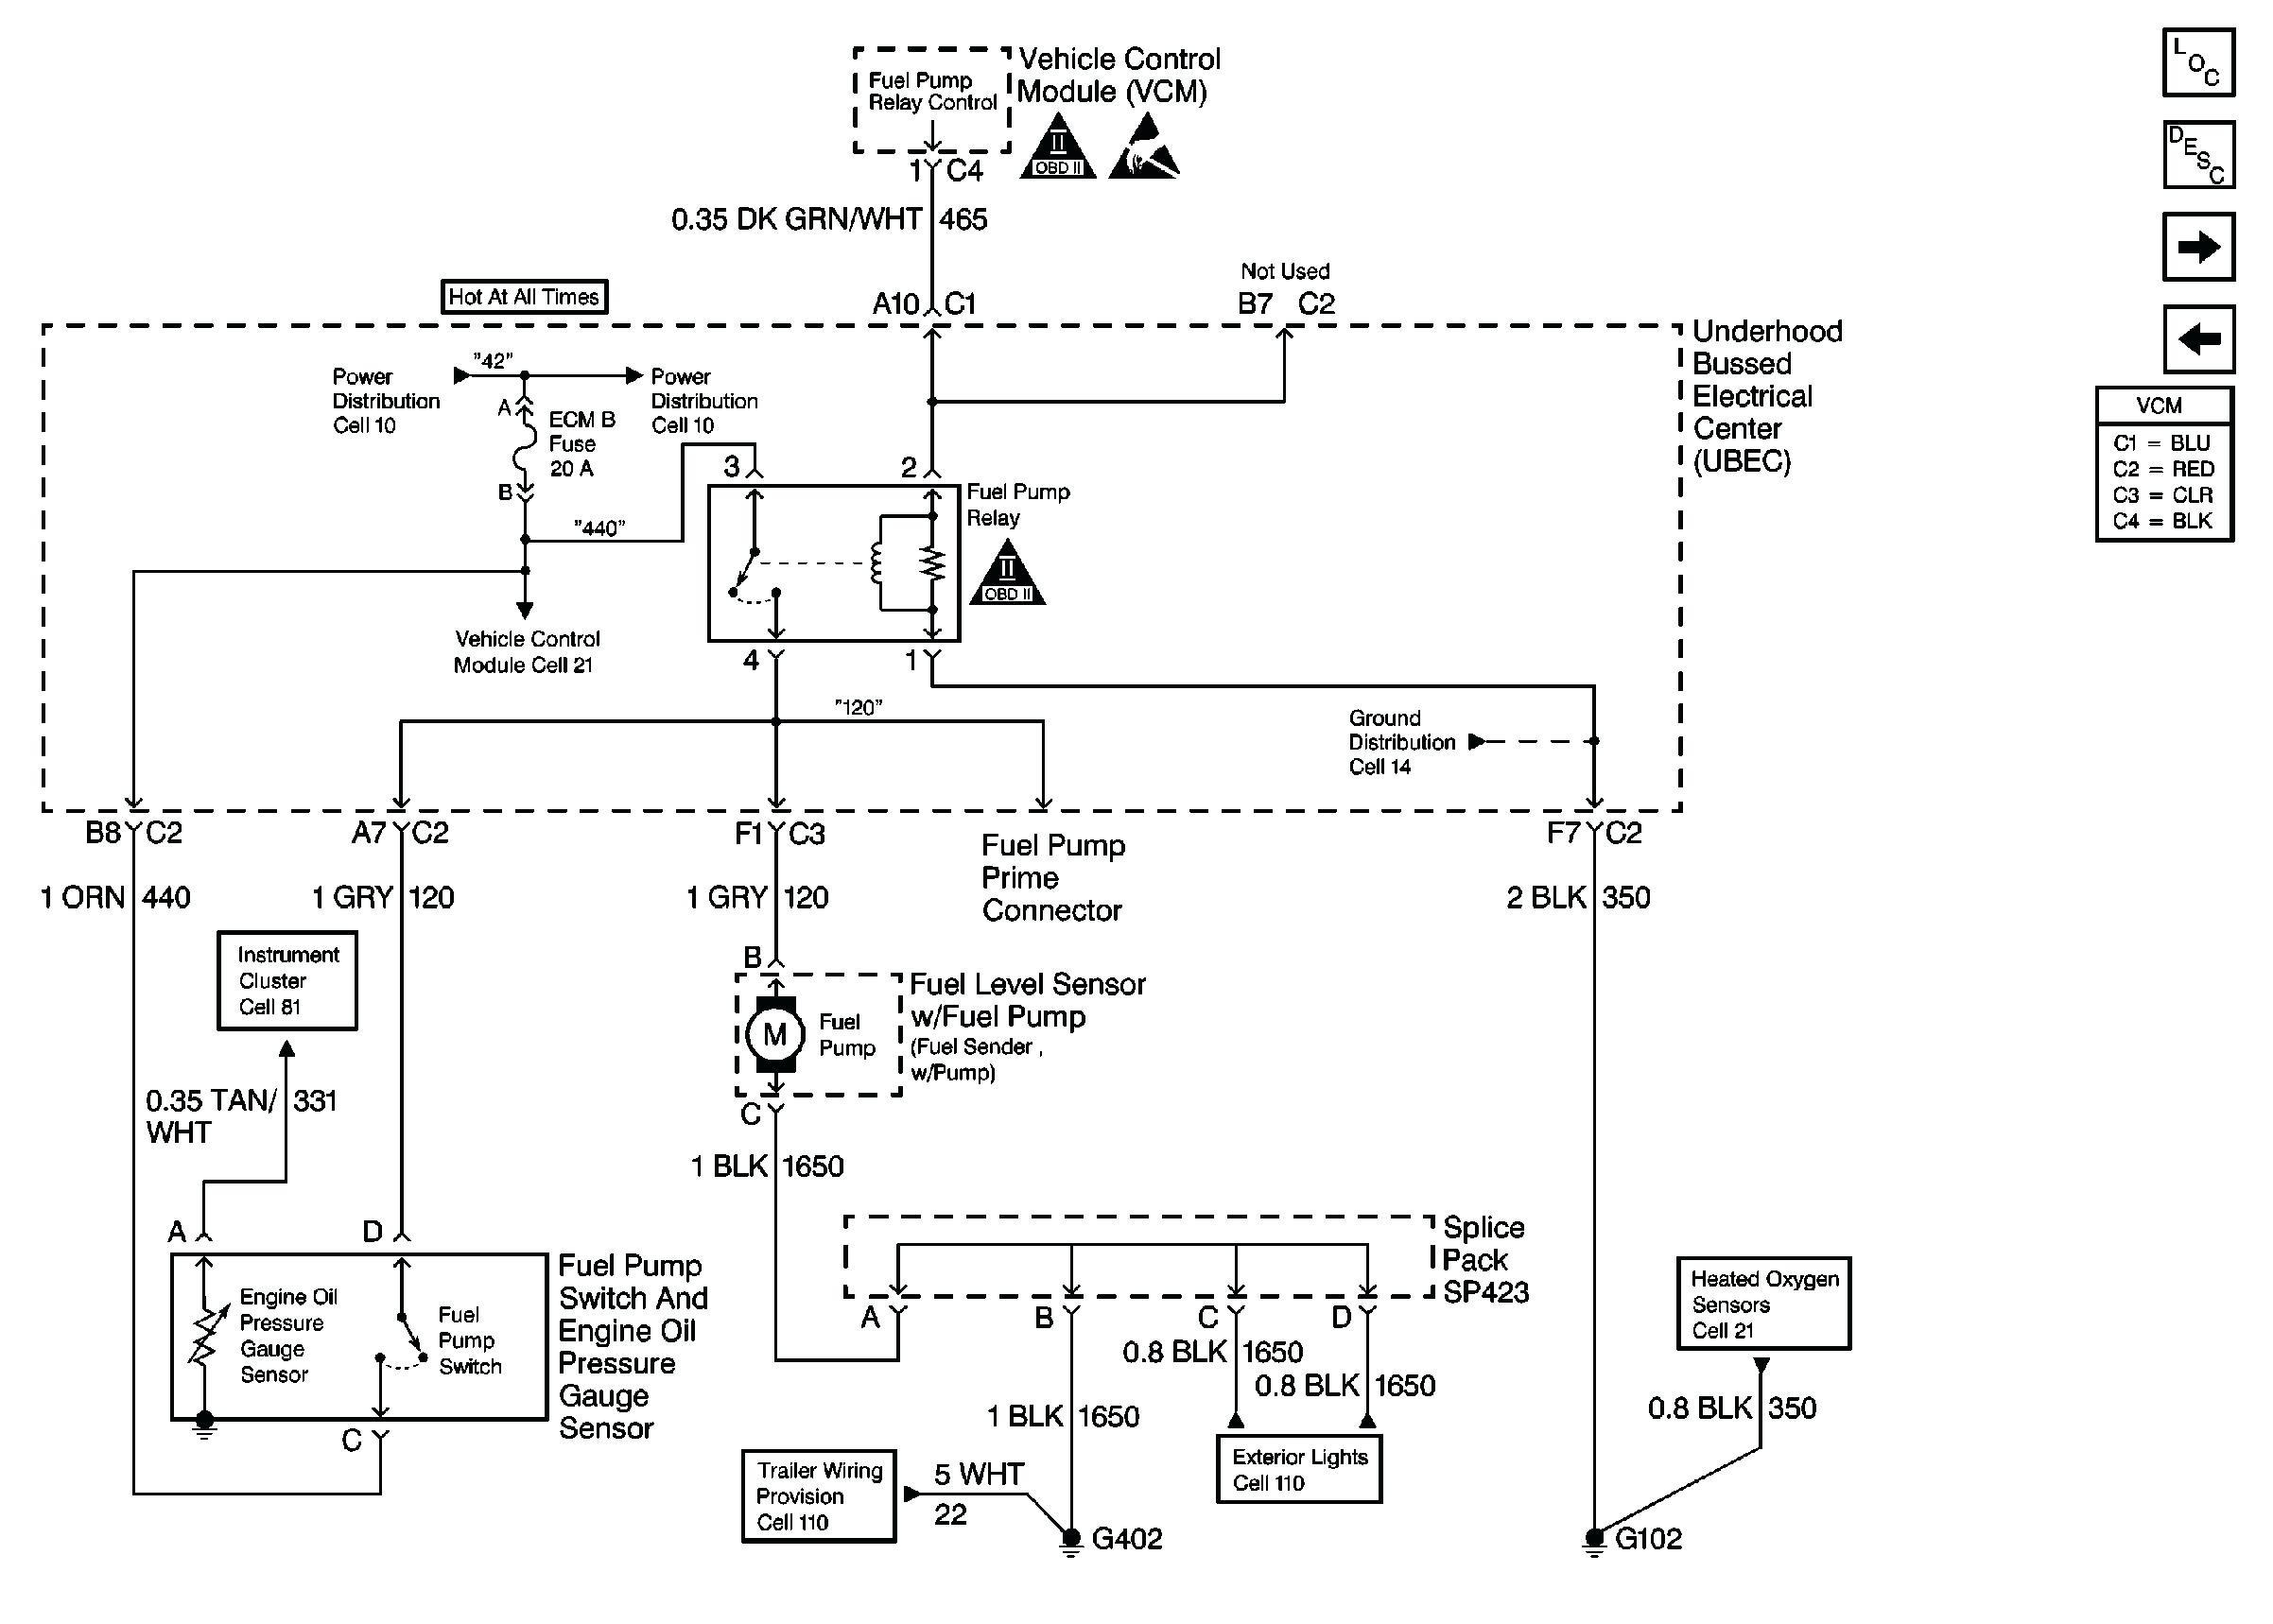 1995s 10 chevy wiring schematic wiring diagram u2022 rh freewiring today Wiring- Diagram Automotive Wiring Diagrams